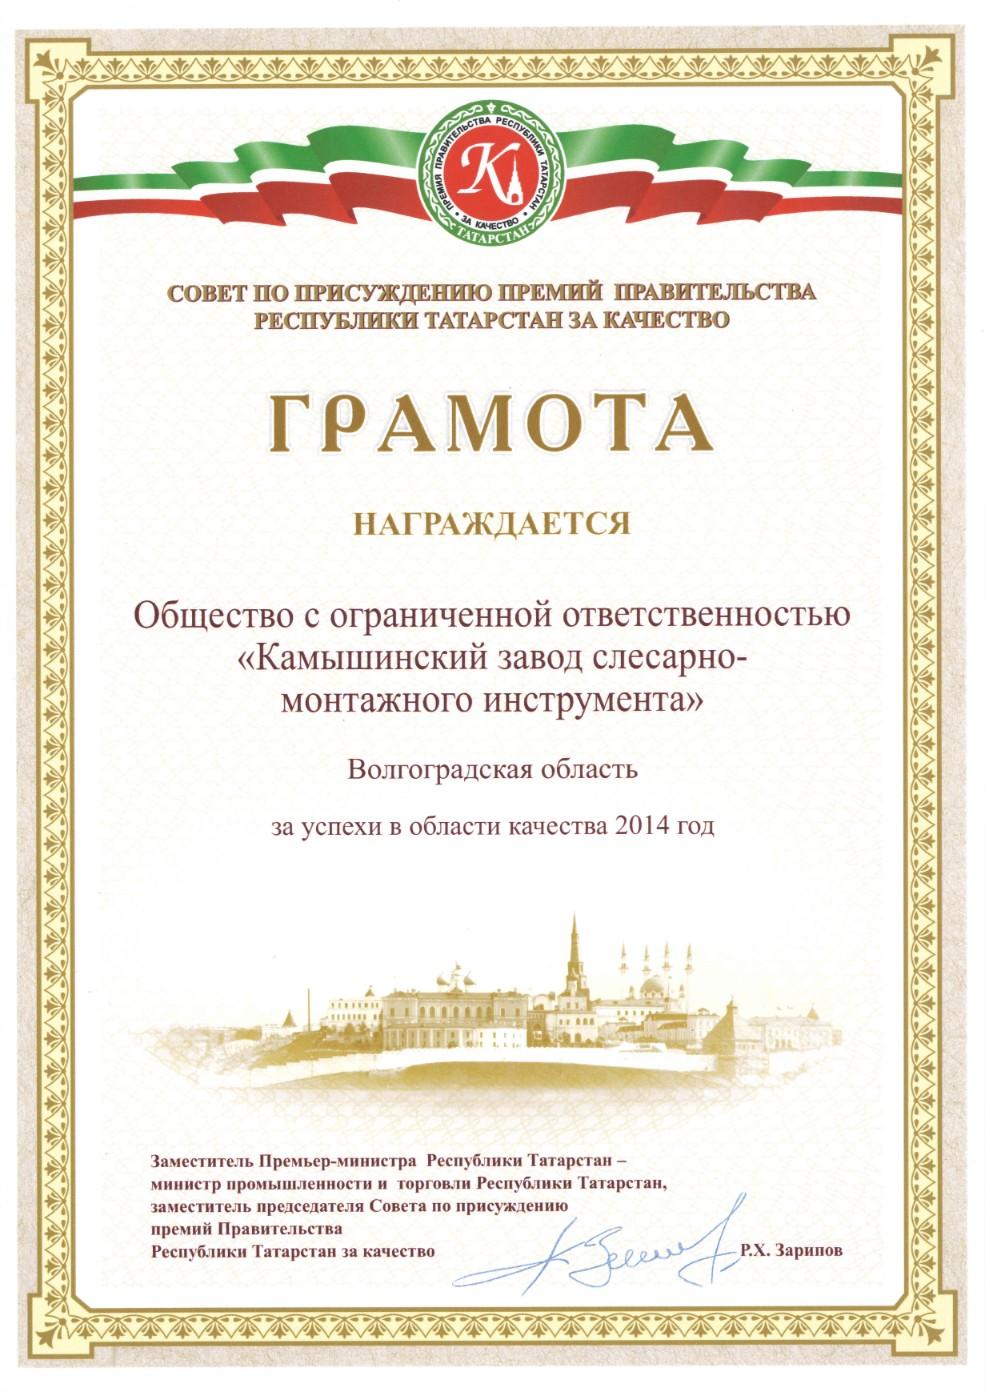 Грамота от Правительства Республики Татарстан